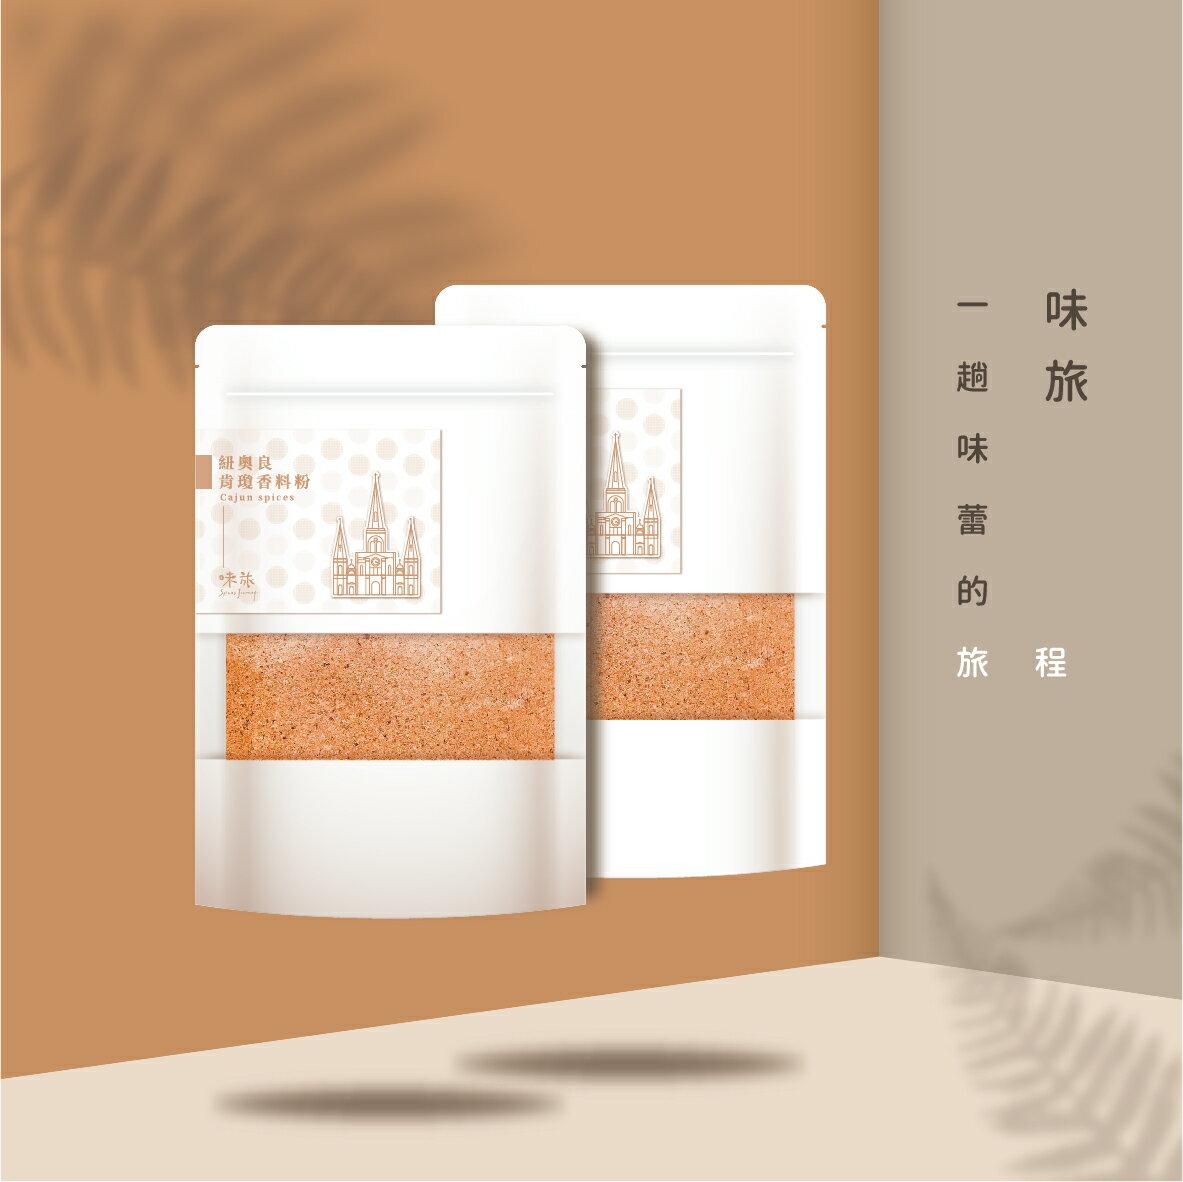 【味旅私藏】 紐奧良肯瓊香料粉 Cajun Spices 綜合香料系列 50g【A131】